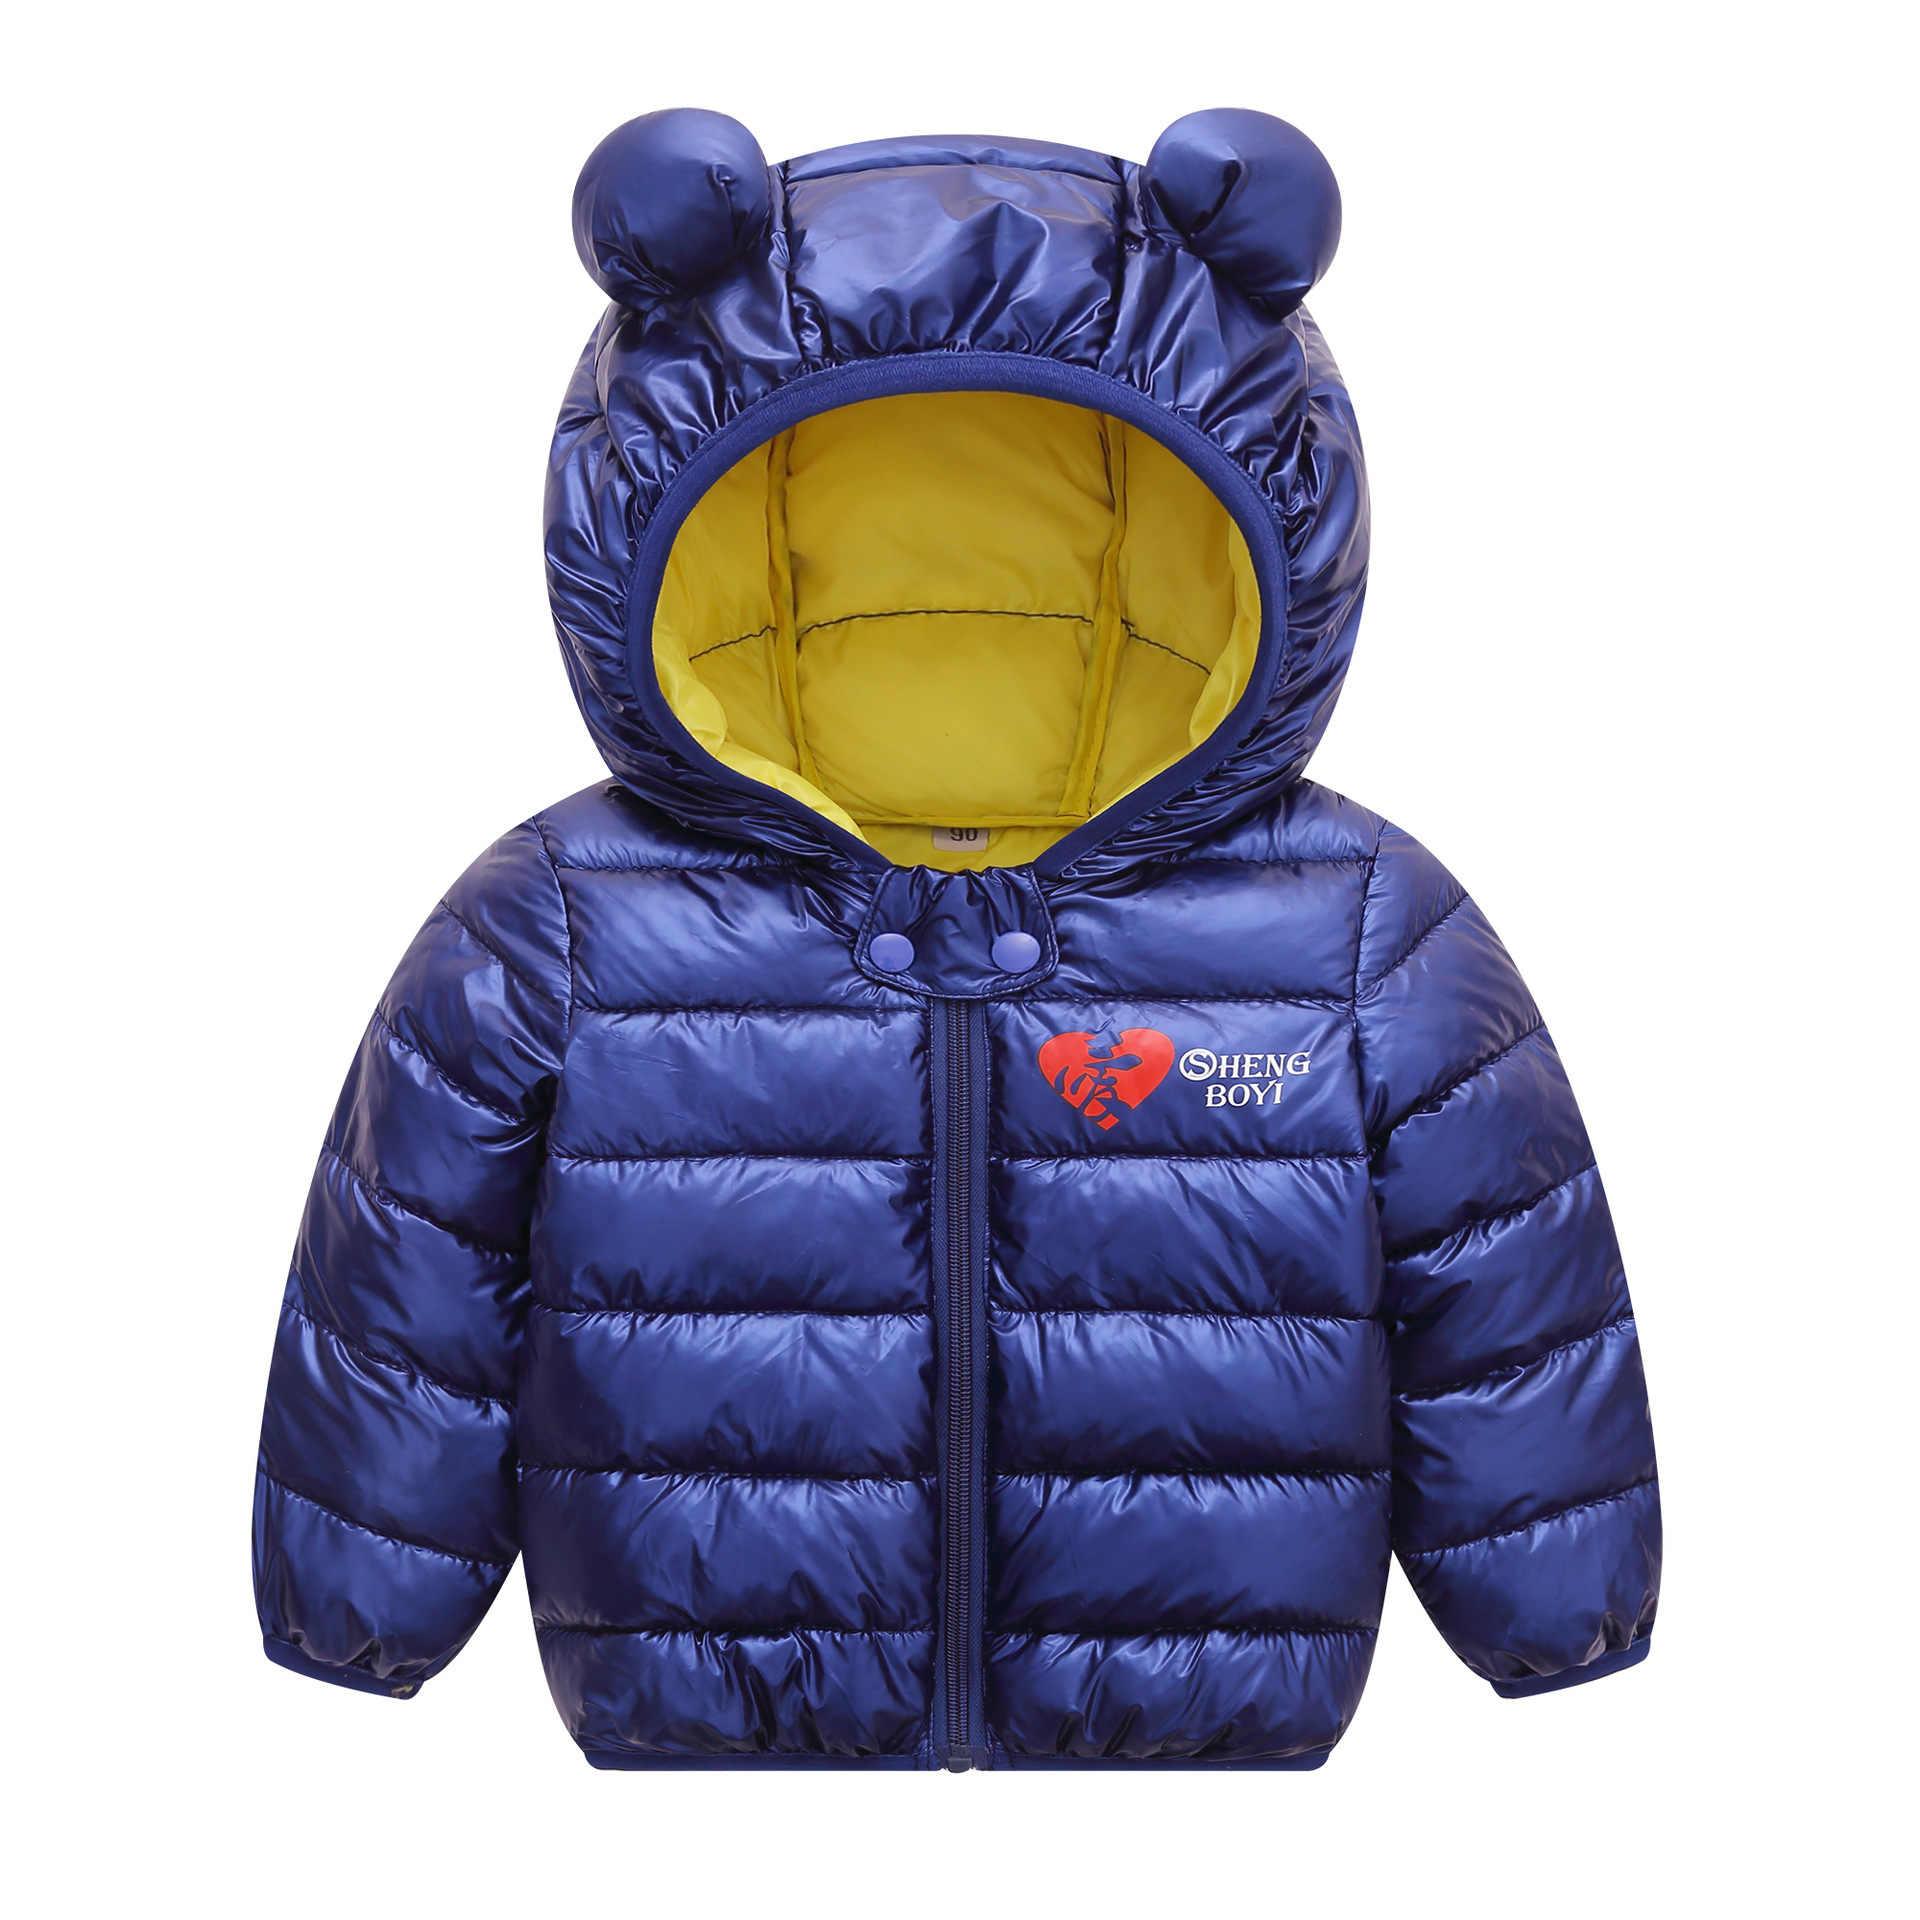 OLEKID 2019 Sonbahar Kış Bebek Kar Giyim Kapşonlu Karikatür Parka Erkekler Için 1-4 Yıl Çocuk Mont Bebek Kız snowsuit Çocuk Ceket